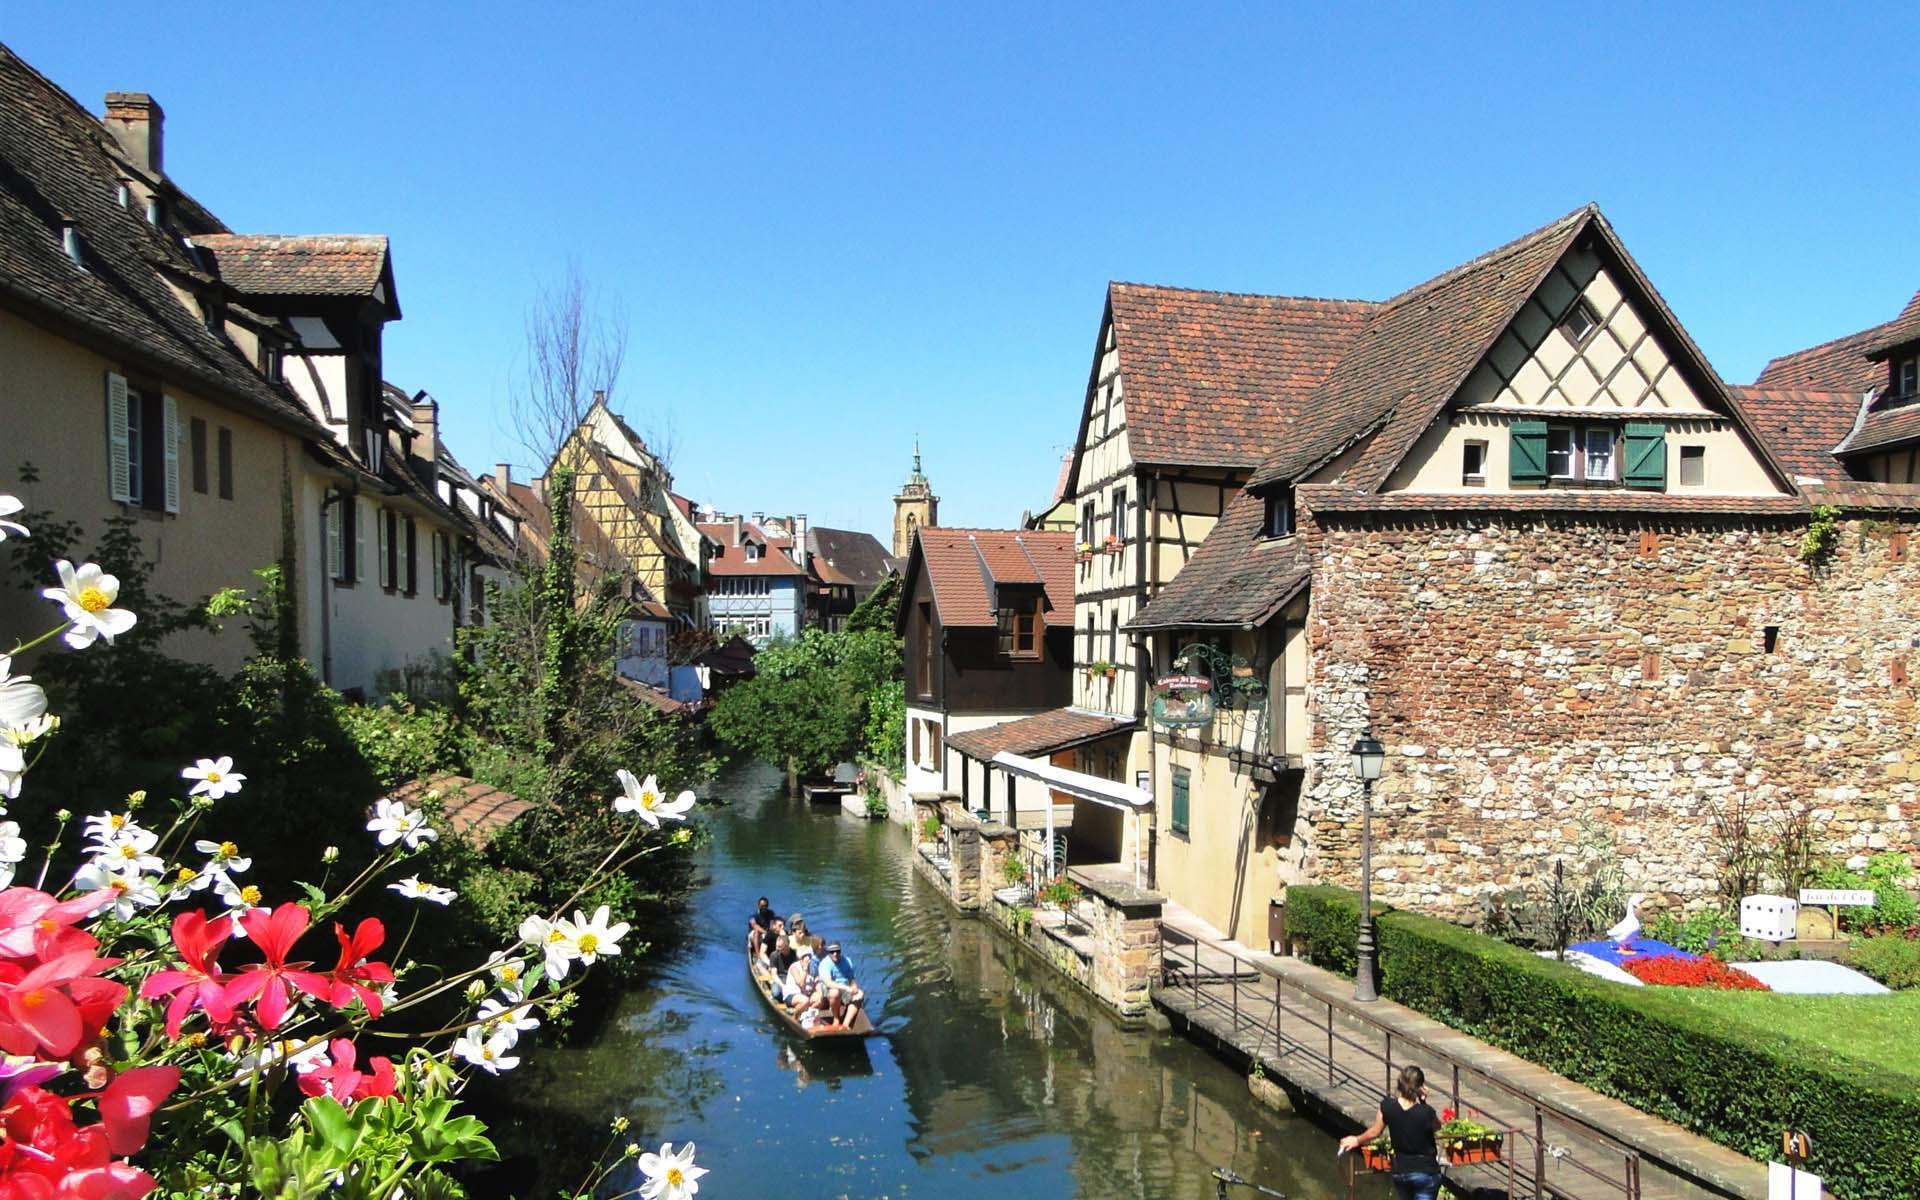 法国风情小镇